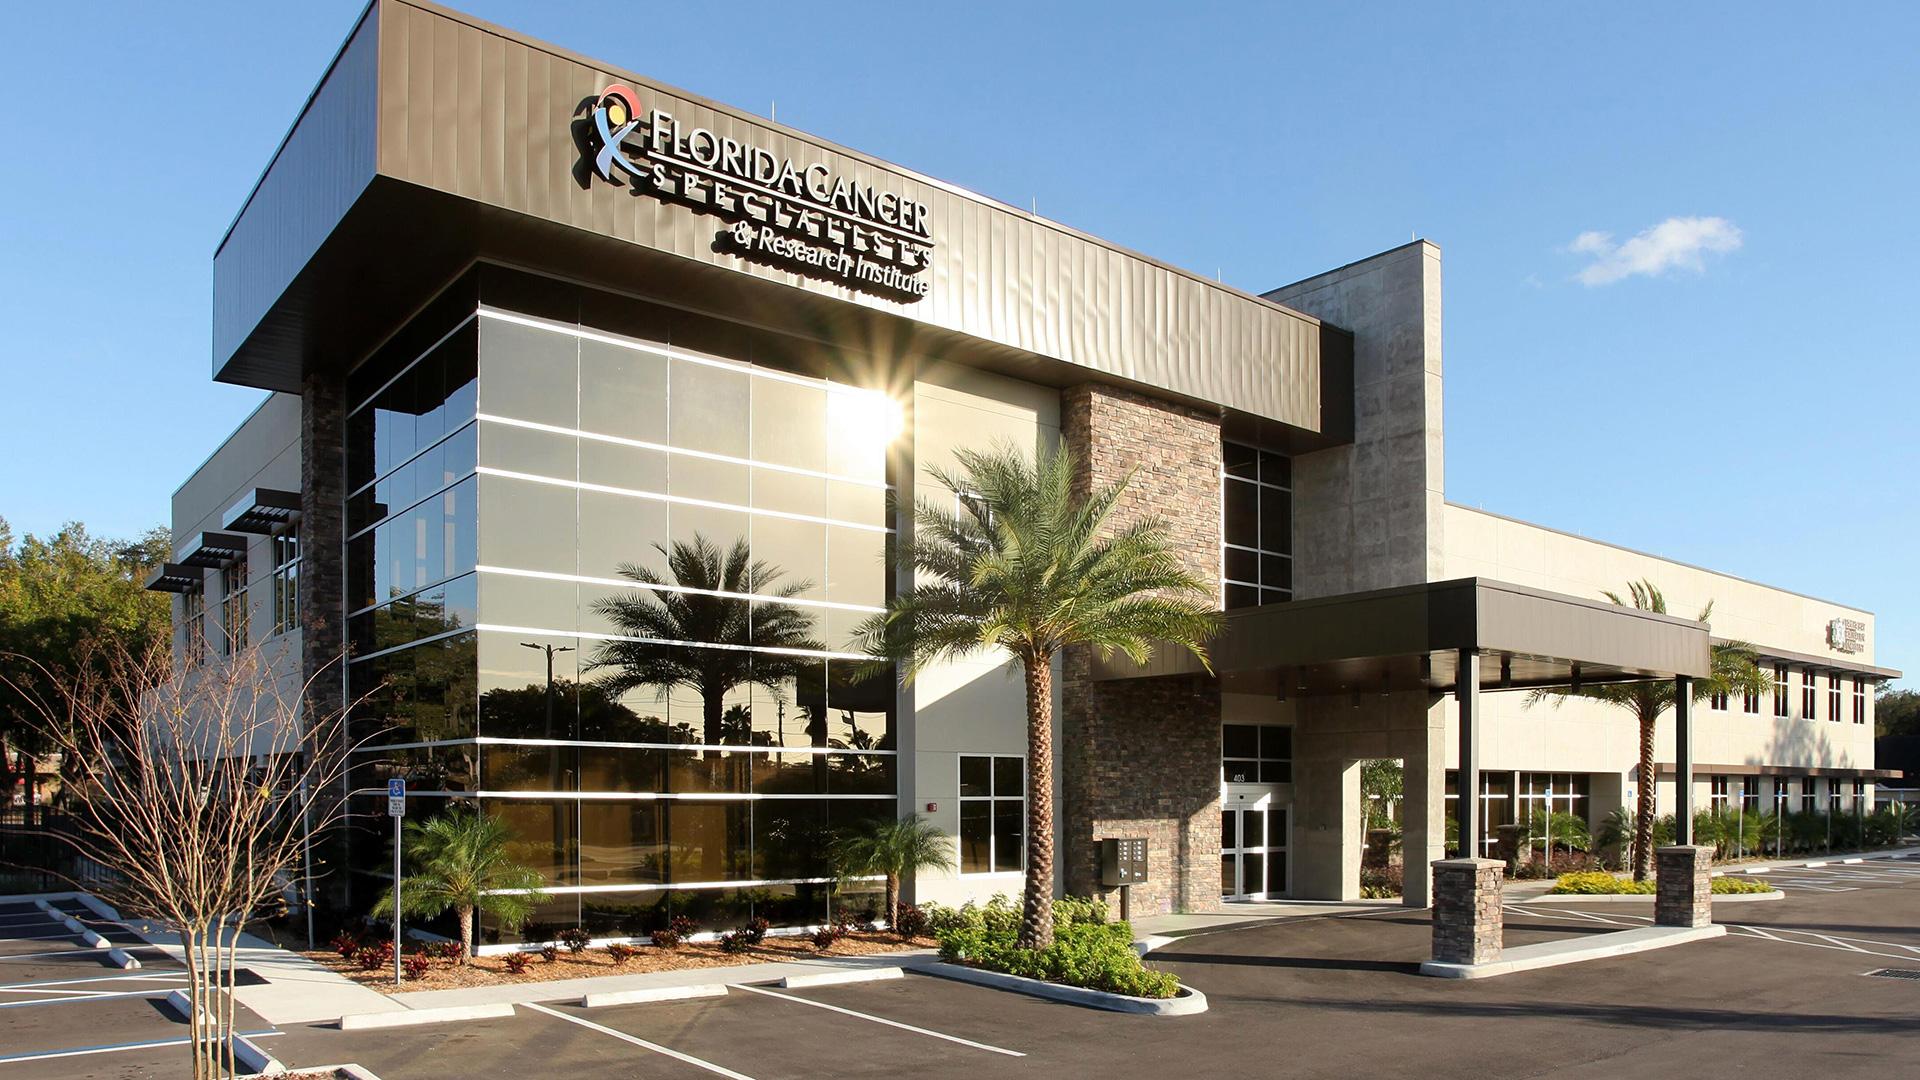 Tampa Interior Designers